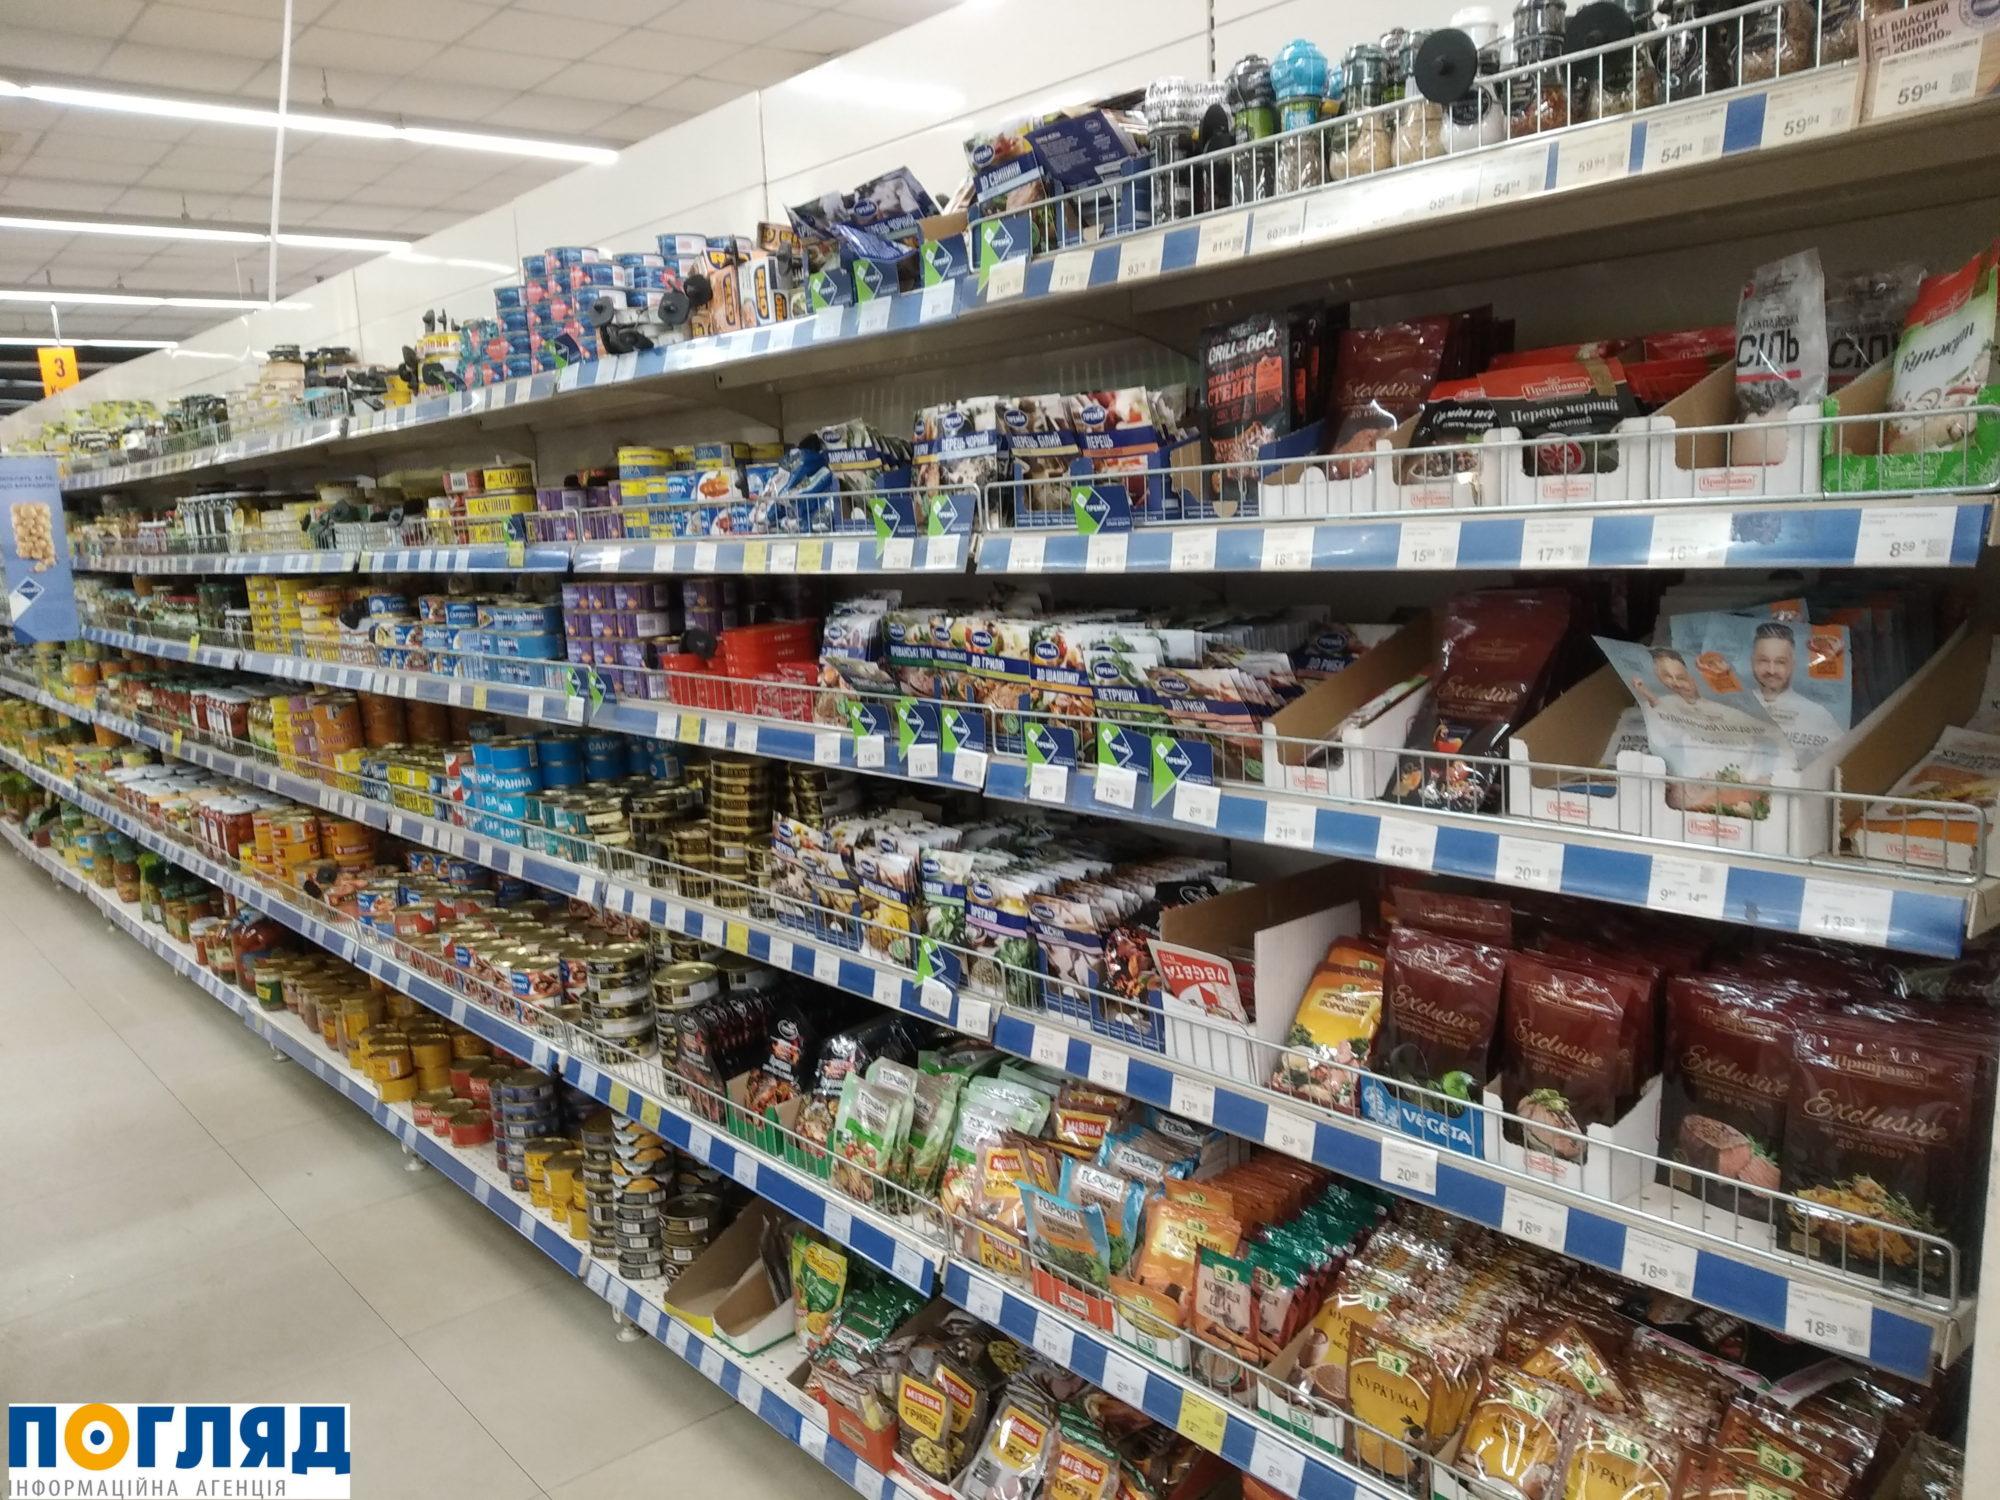 У Василькові визначать кращий супермаркет – проголосуй за улюблений - супермаркет, містяни, конкурс, київщина, голосування, васильківчани, Васильків - IMG 20181218 171344 2000x1500